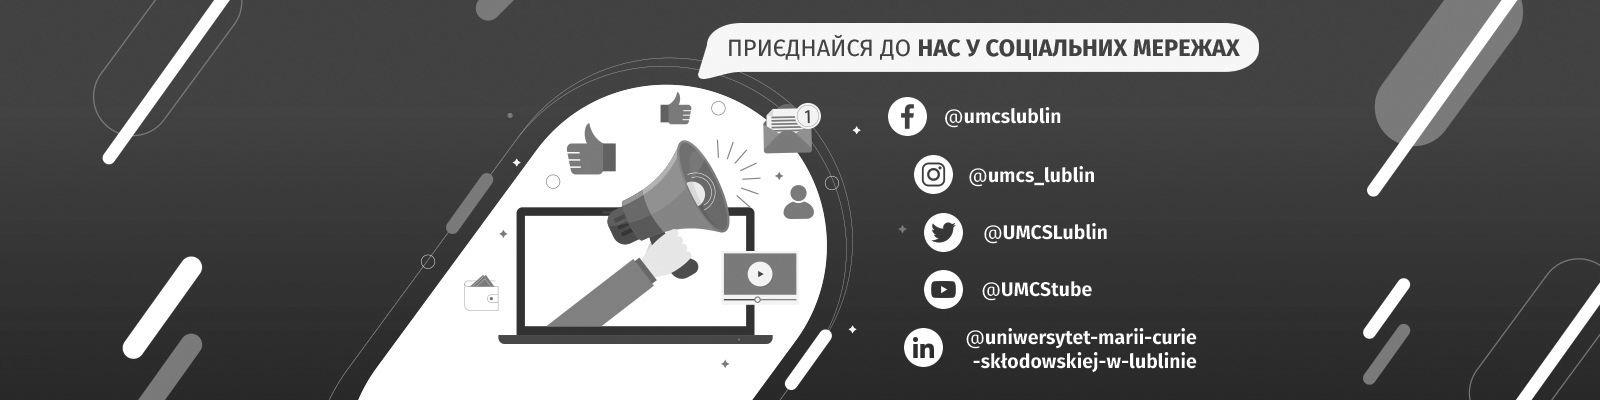 Ми в соціальних мережах!